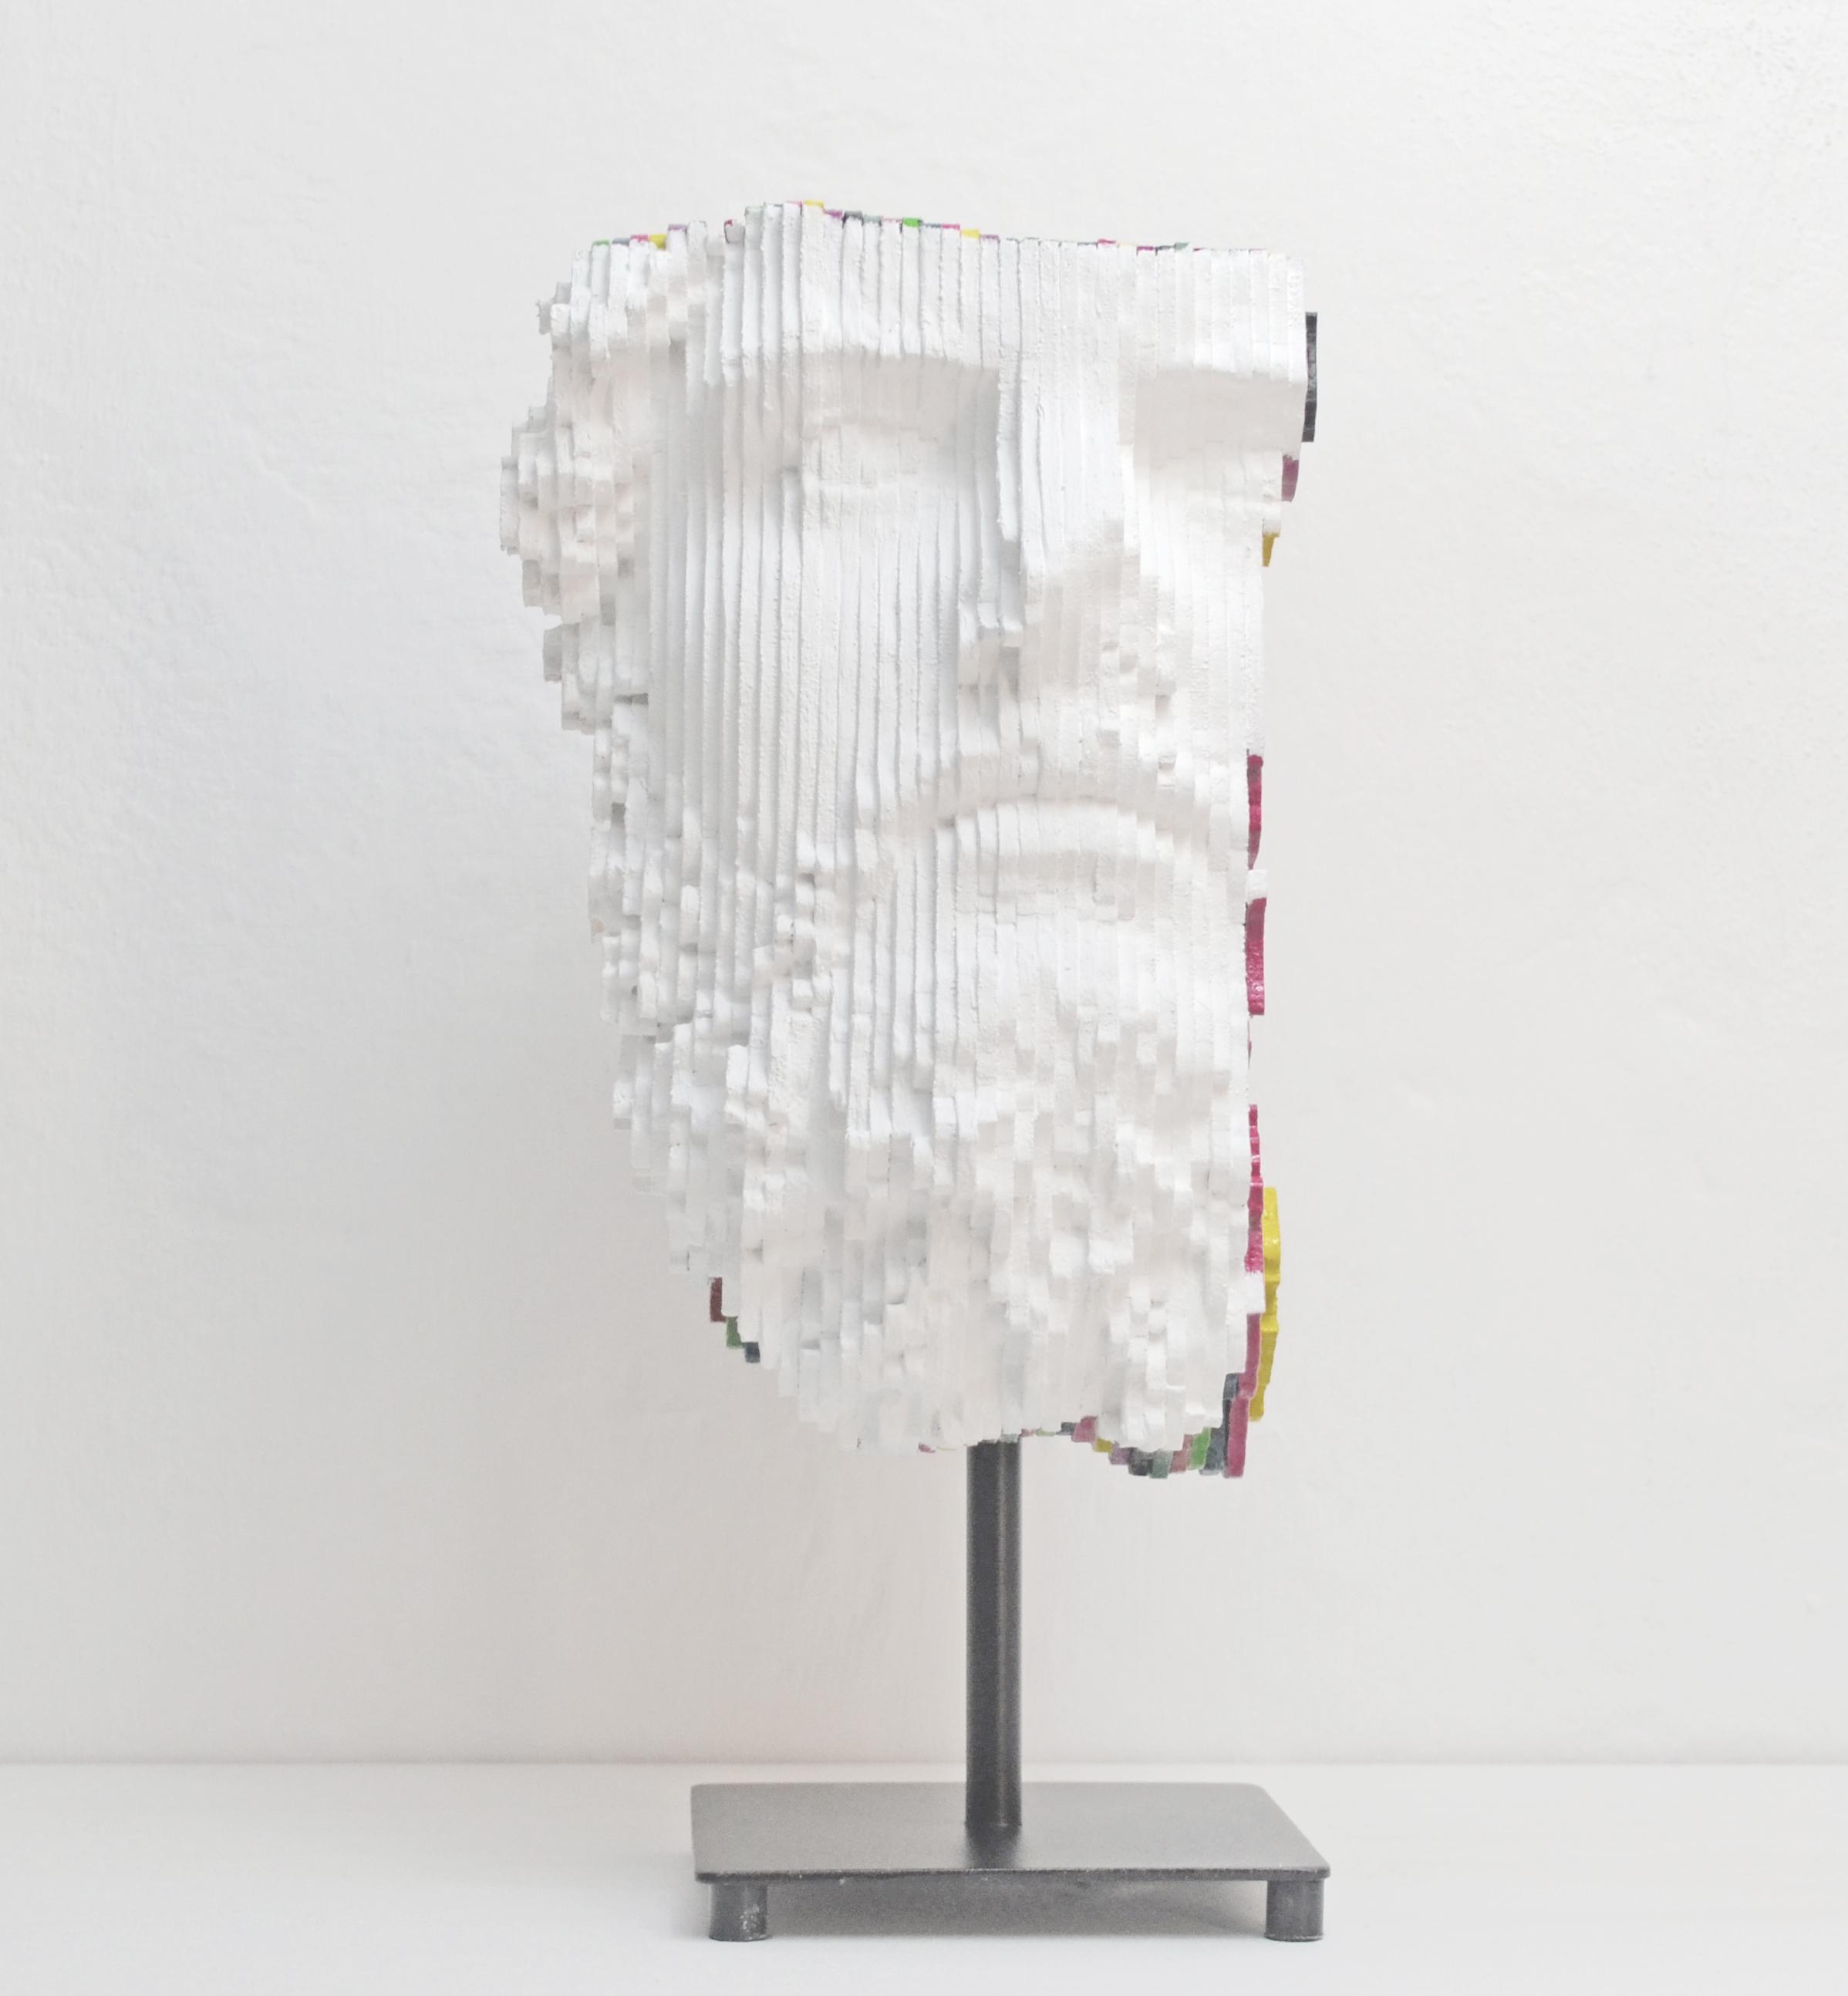 Daniele Fortuna, Half Colormination, drvo_wood, 26x17x25cm, 2017